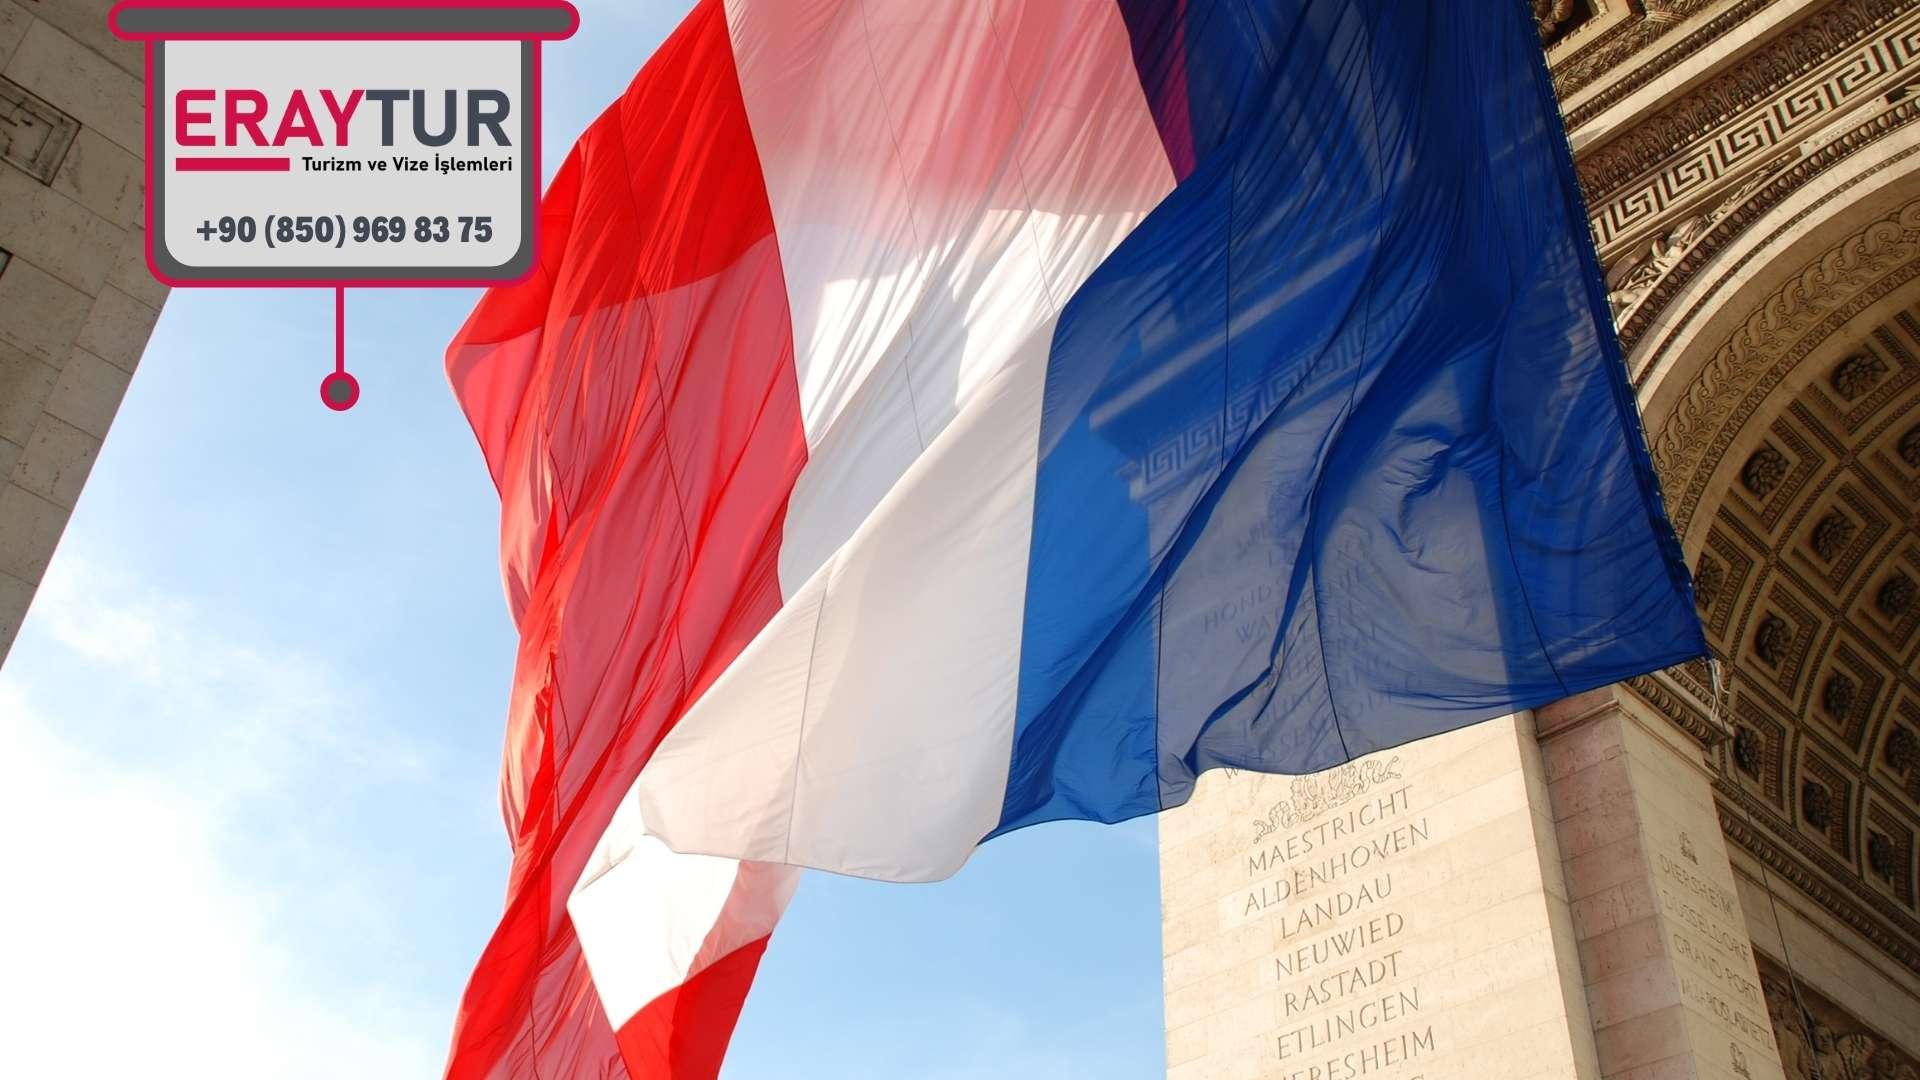 Fransa Vize Formu Soru Alanları